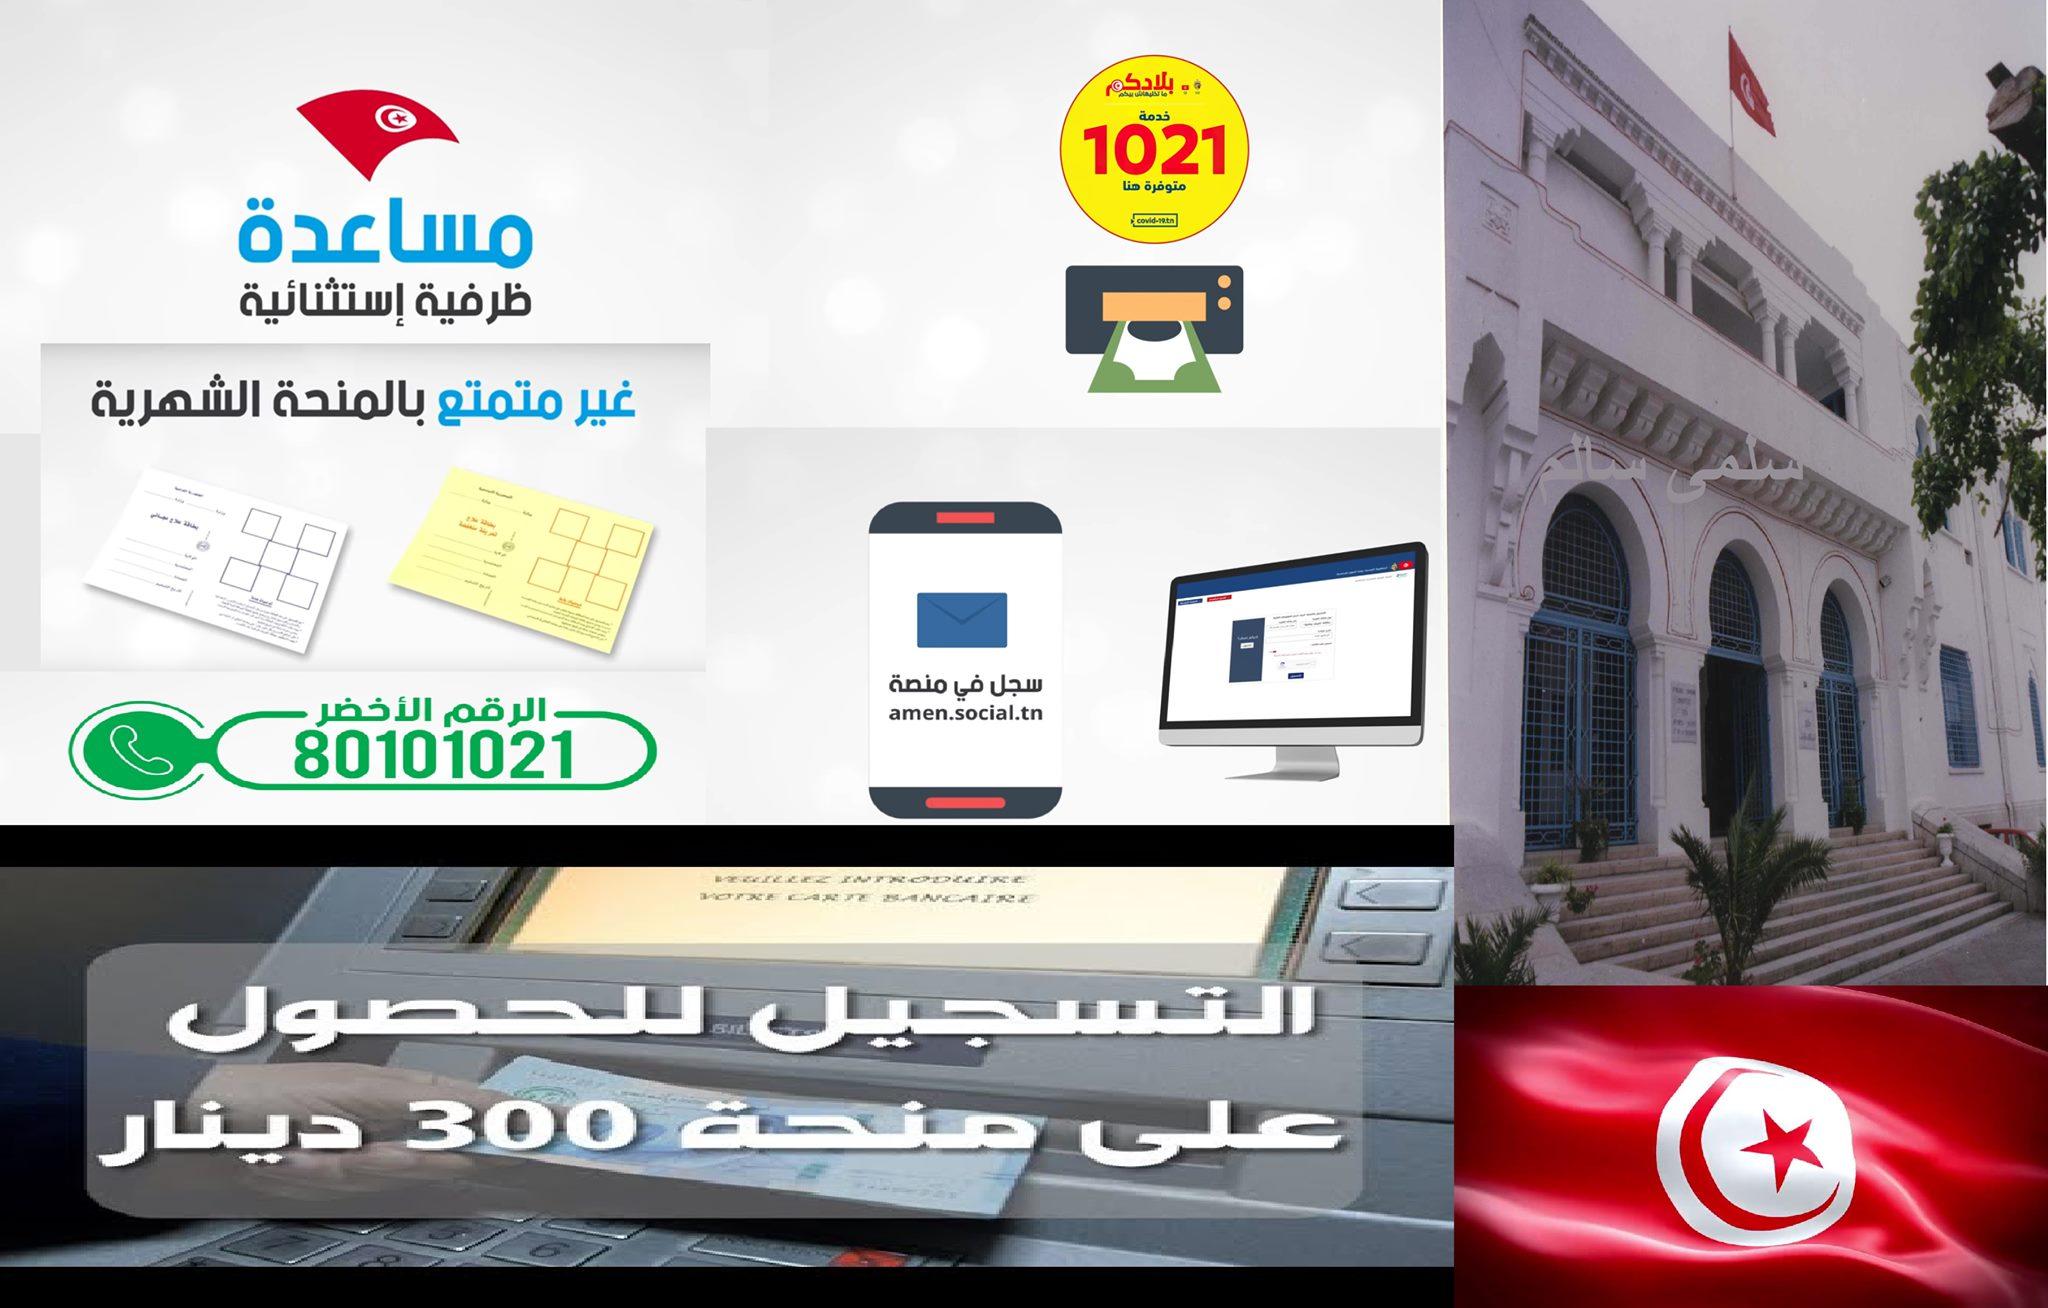 رابط التسجيل في المساعدات الاجتماعية amen.social.tn 2021 كود منحة 300 دينار فتح حساب افتراضي 1021